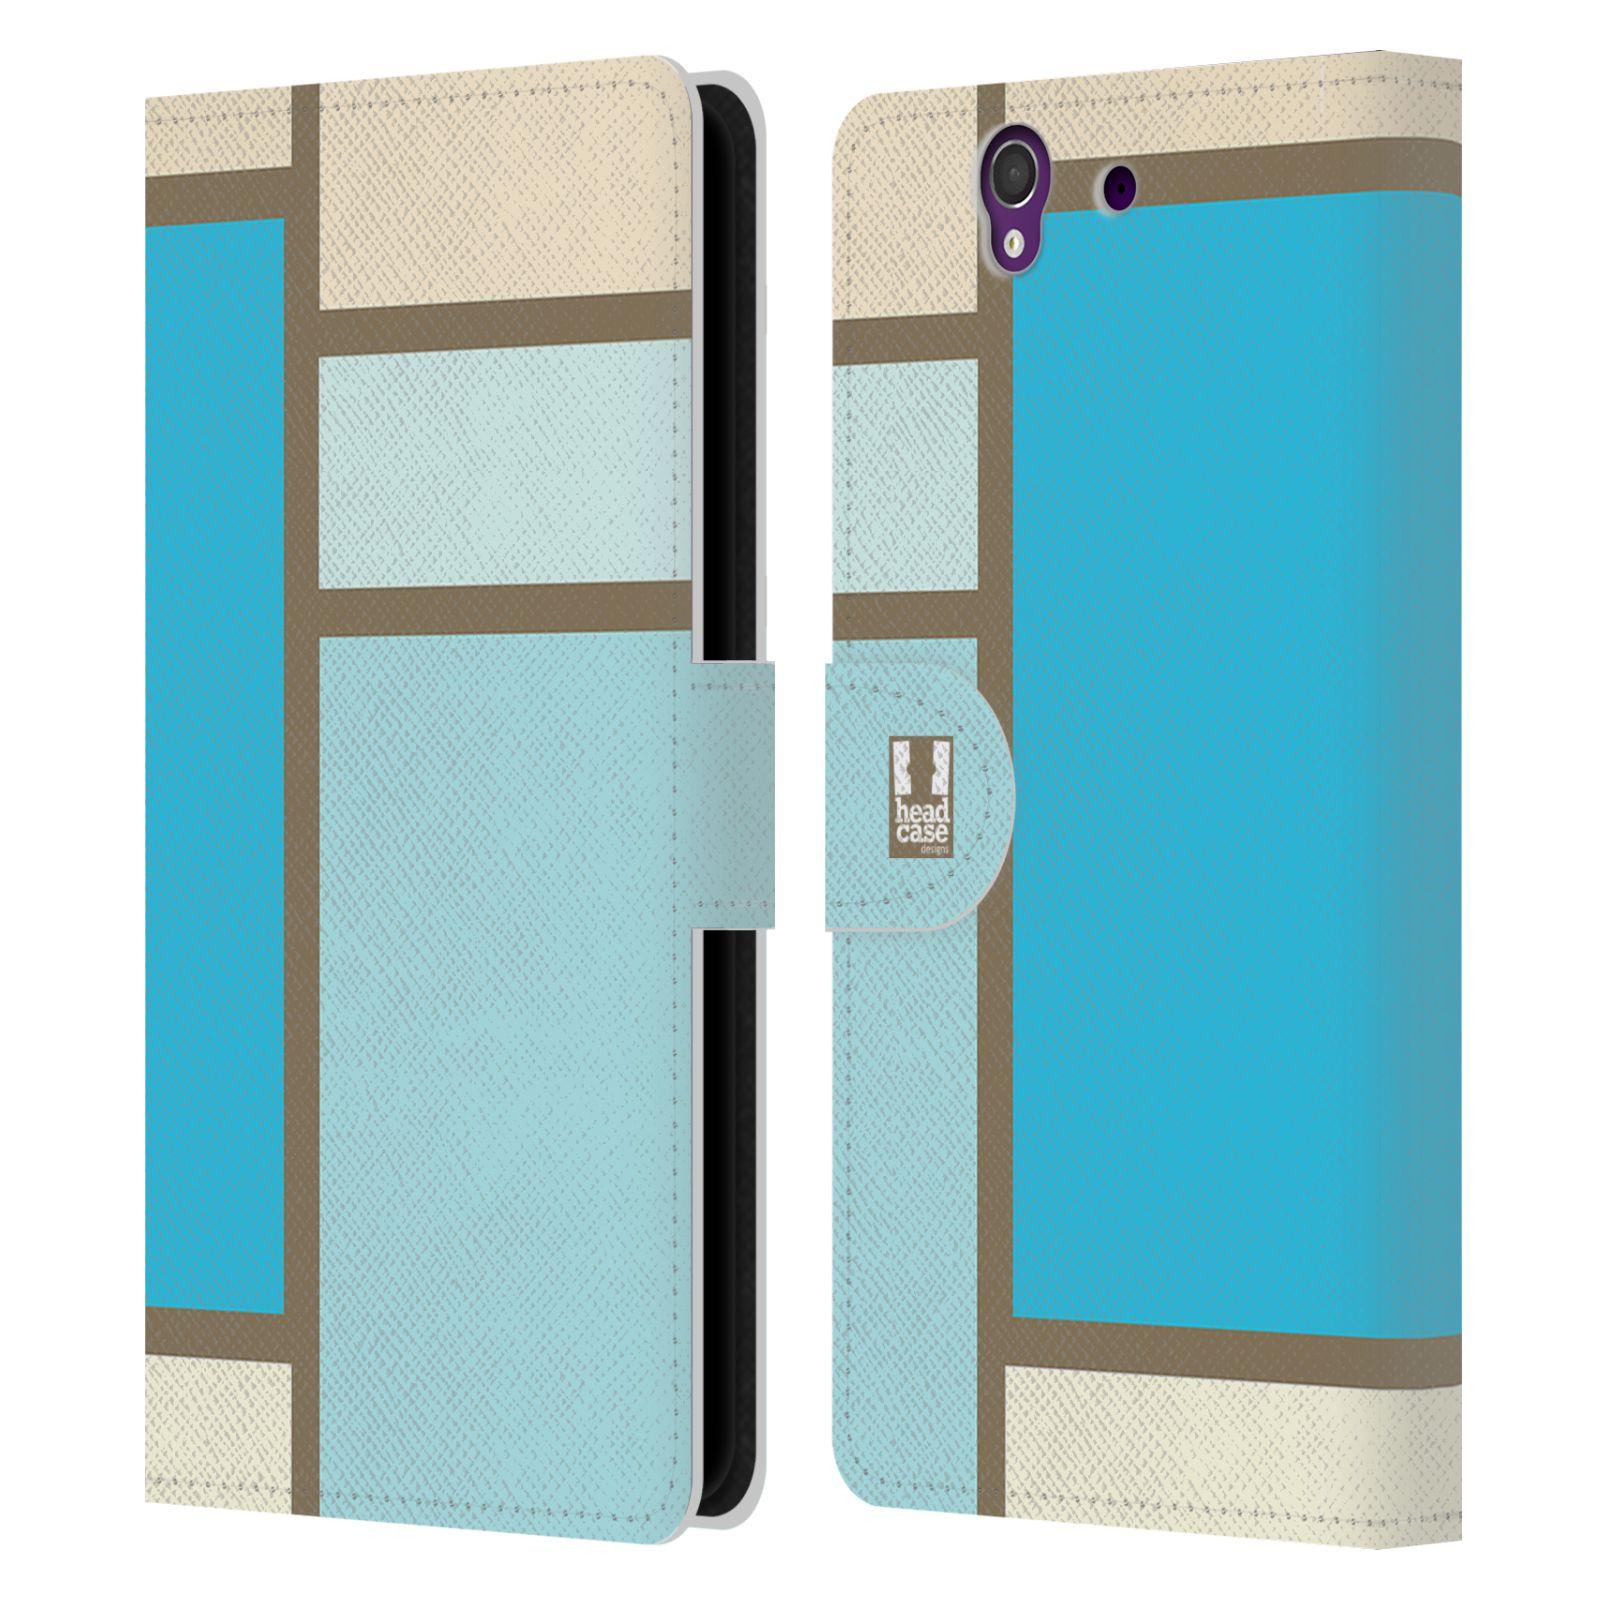 HEAD CASE Flipové pouzdro pro mobil SONY XPERIA Z (C6603) MODERN barevná kostka modrá a šedá SEA